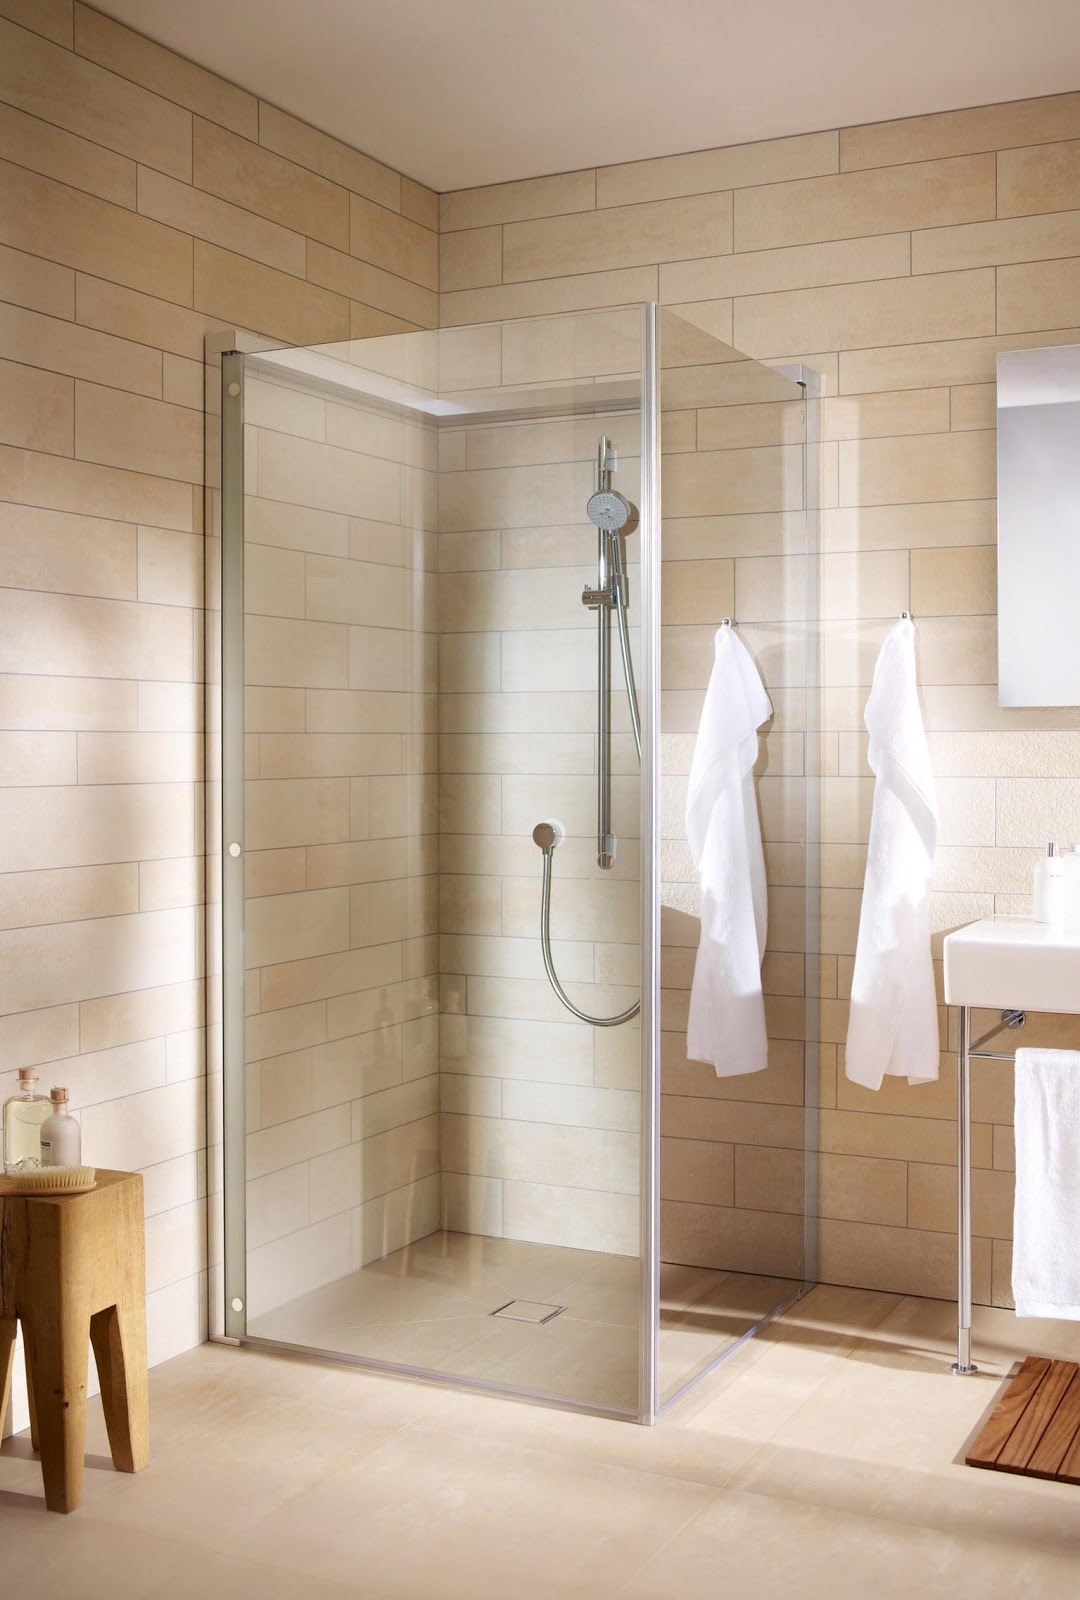 Mamparas Para Baño Buenos Aires:Recicoración: Cómo hacer de un baño un lugar de relax, aunque sea